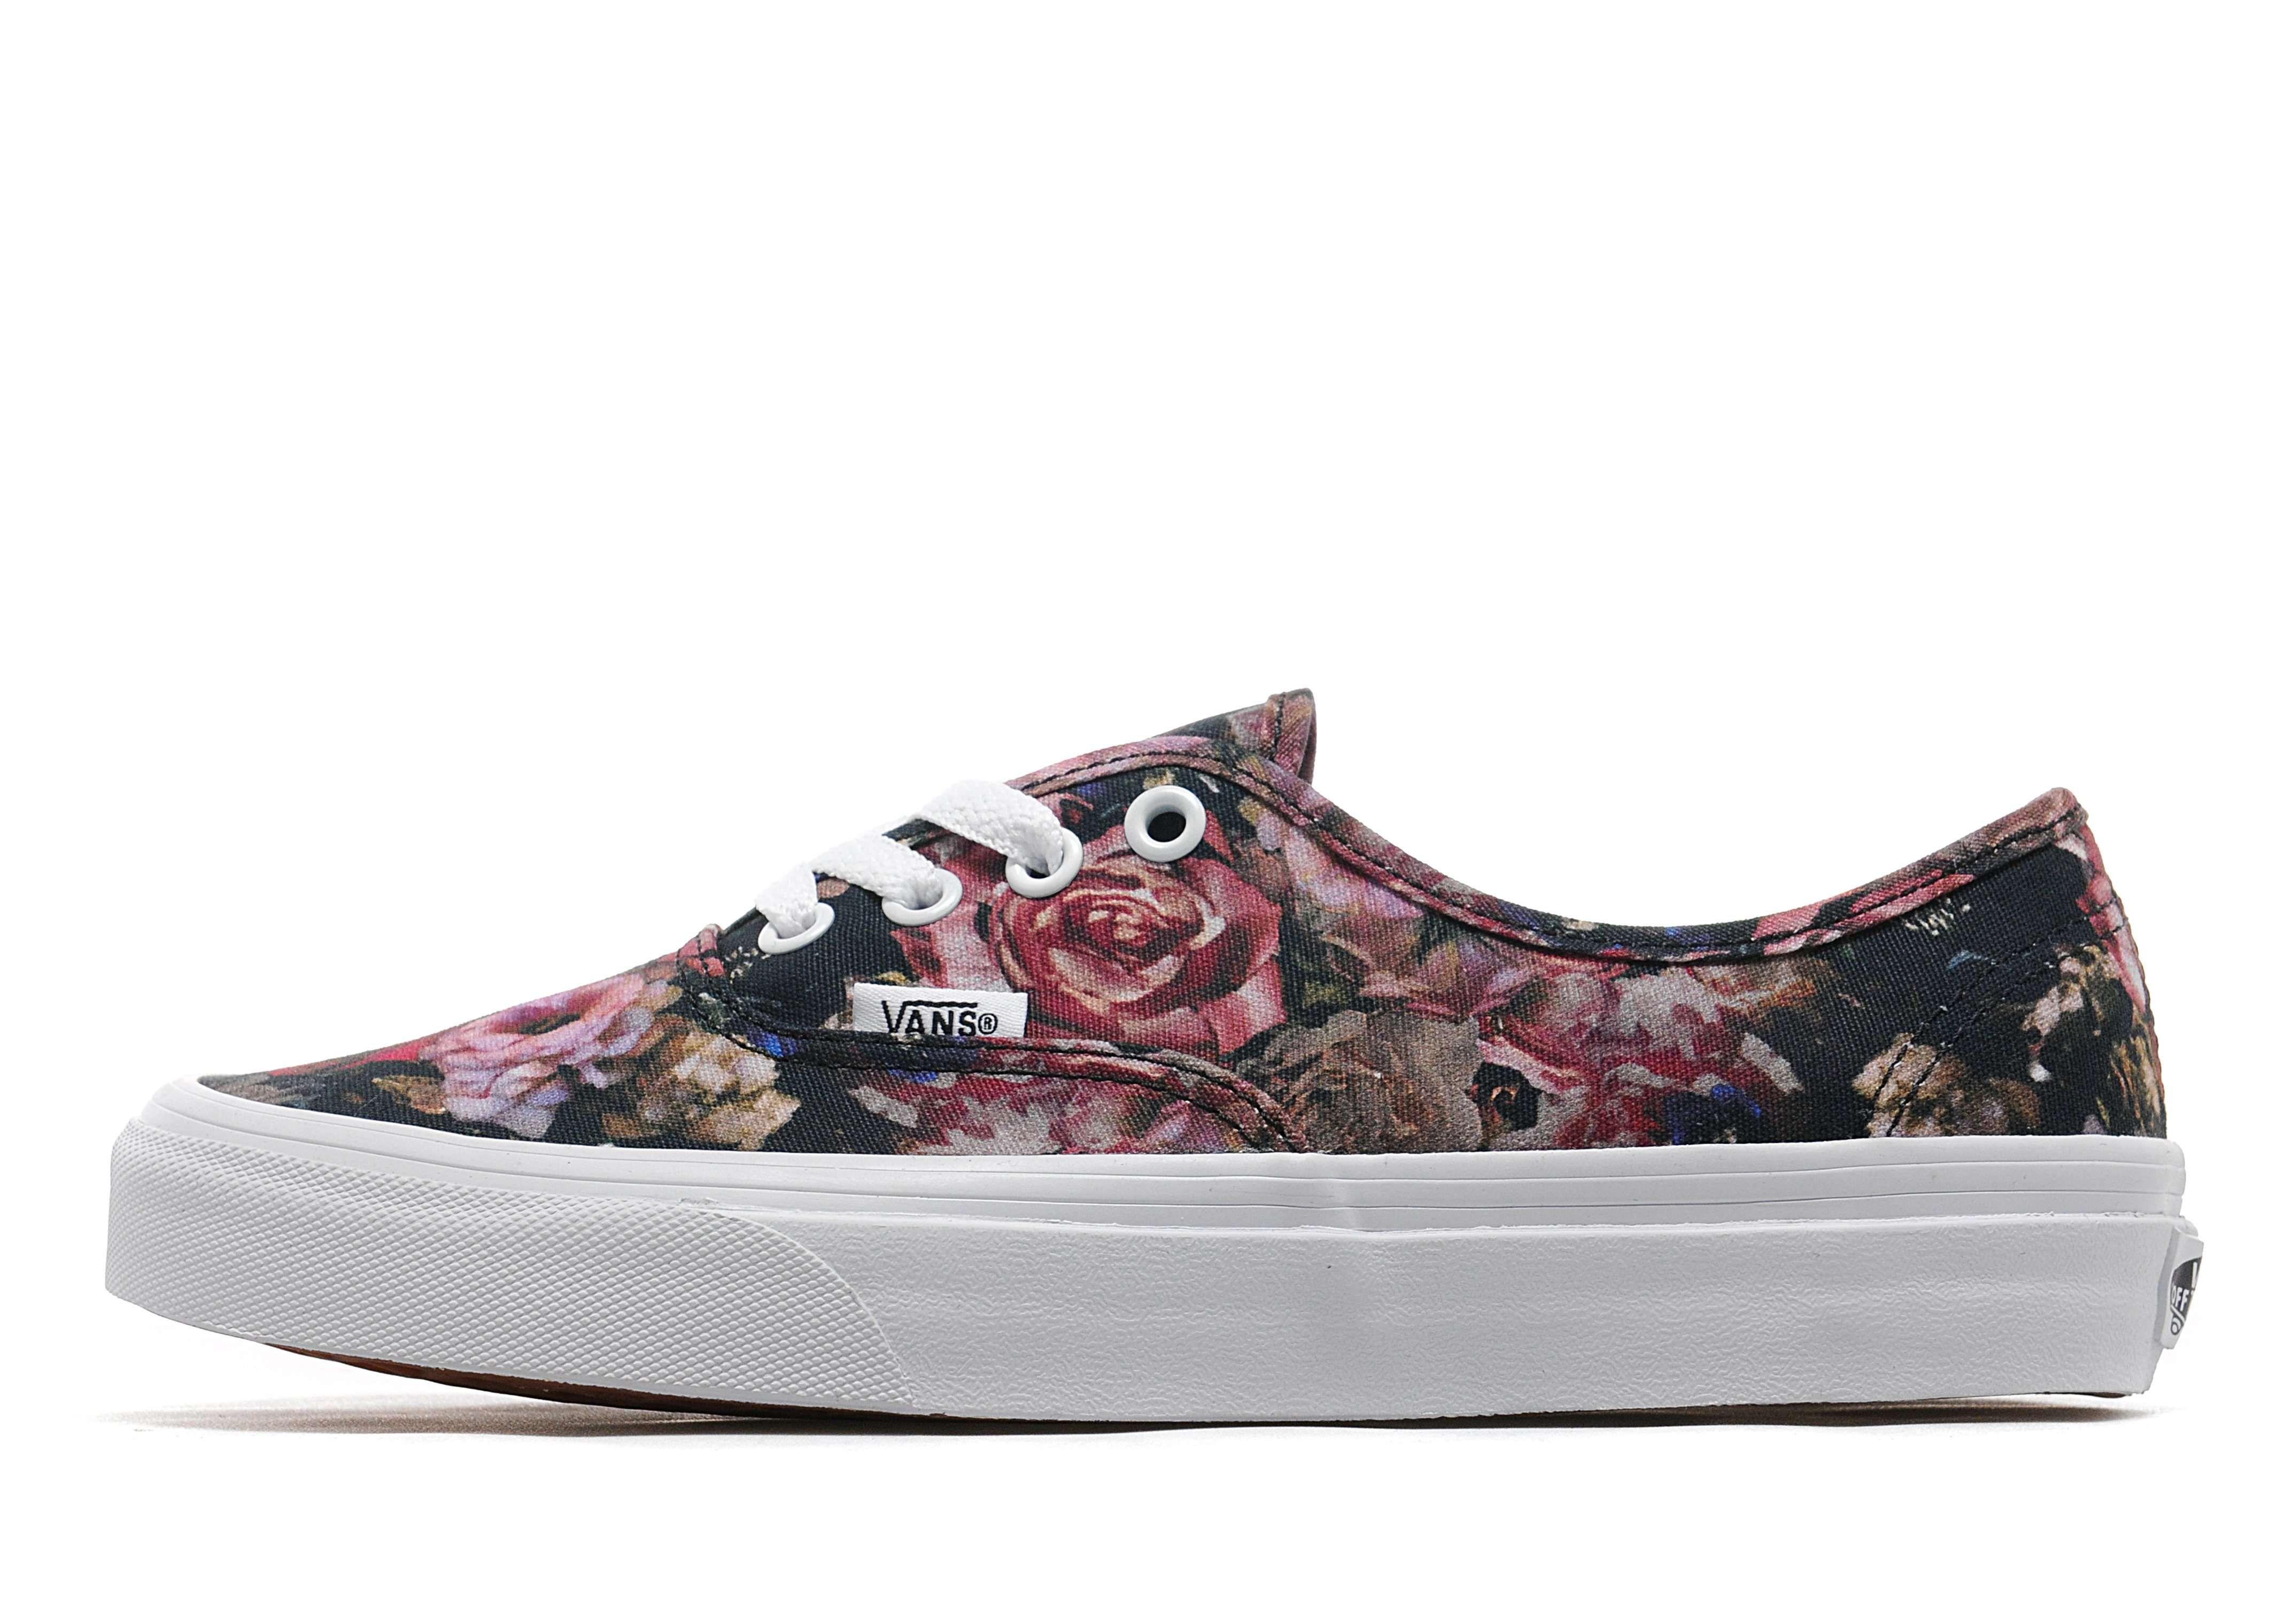 vans printed shoes online